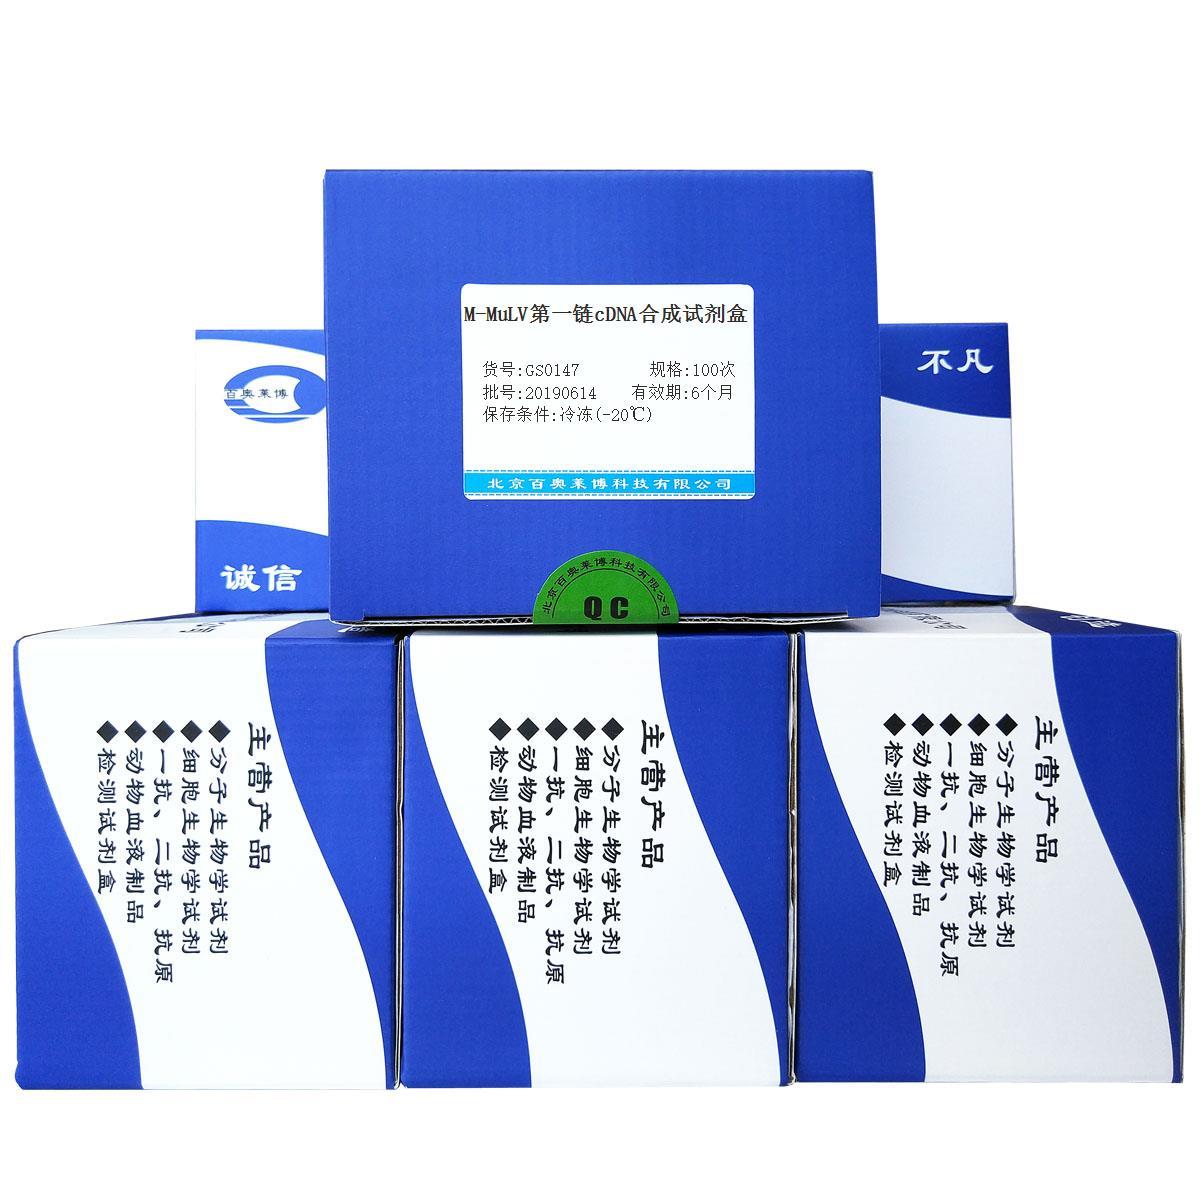 M-MuLV第一链cDNA合成试剂盒价格